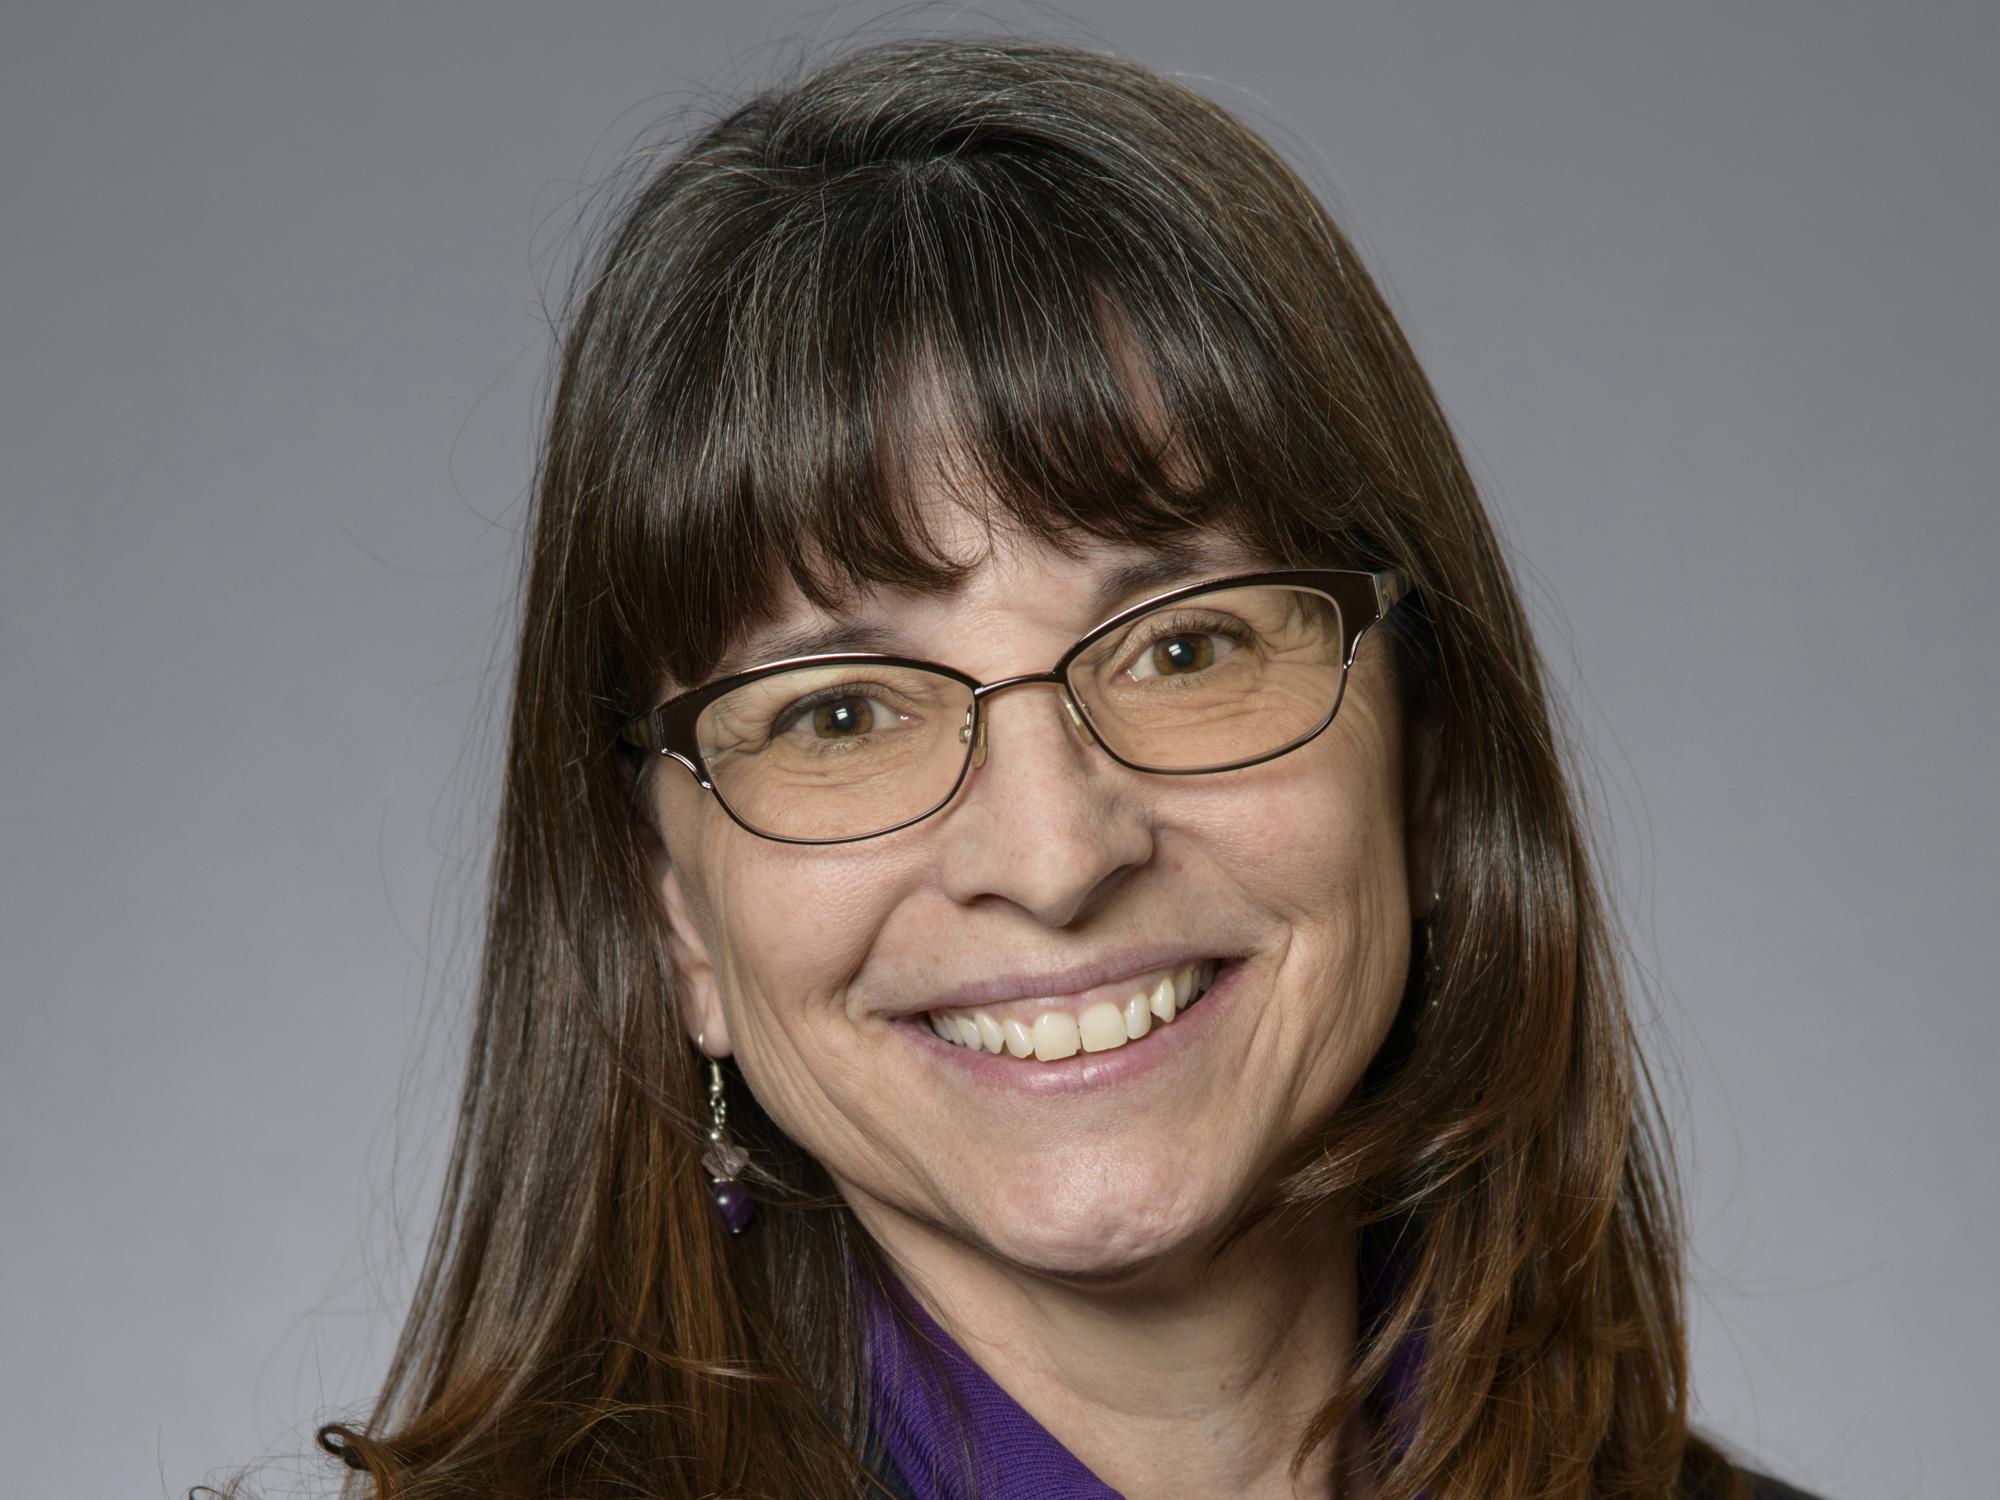 Christina Rinnert